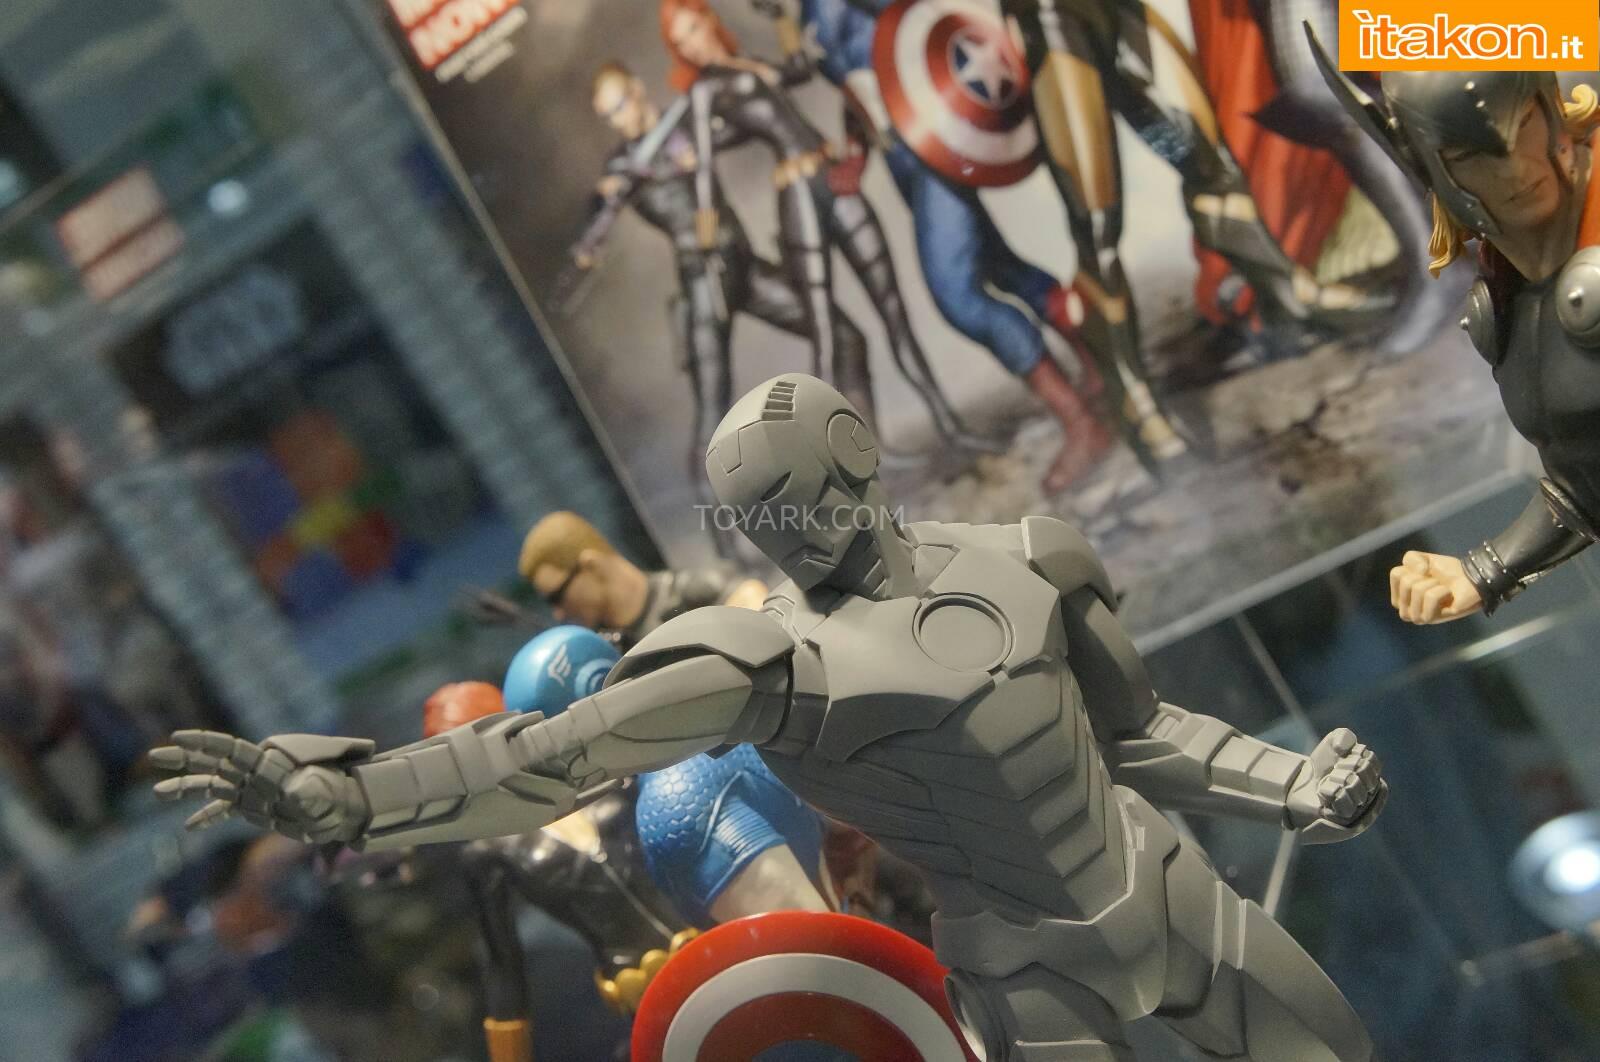 Link a Toy-Fair-2014-Kotobukiya-Marvel-007